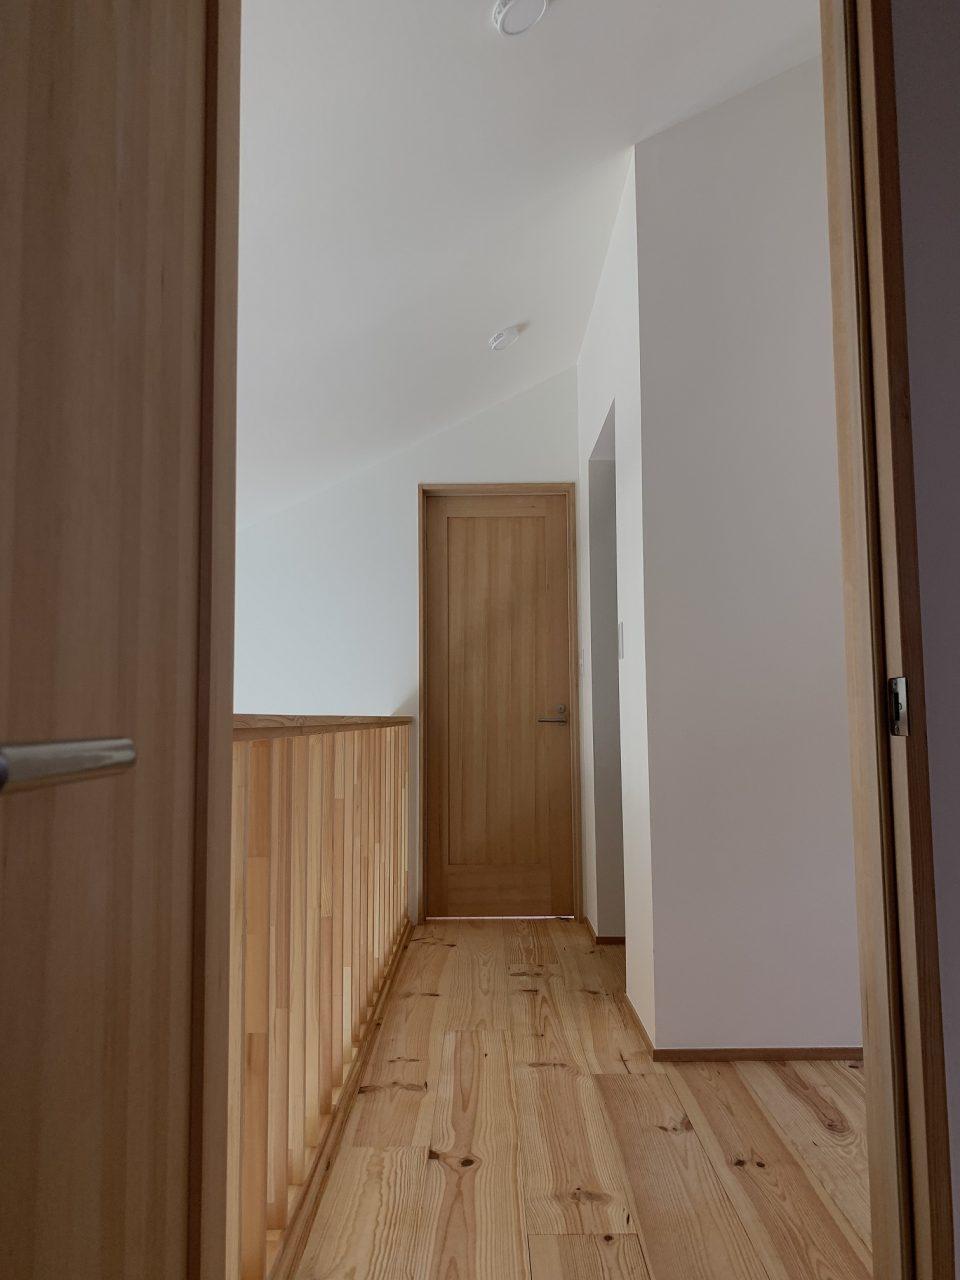 ドアの高さなどに注意しながら高さを設定することになる。